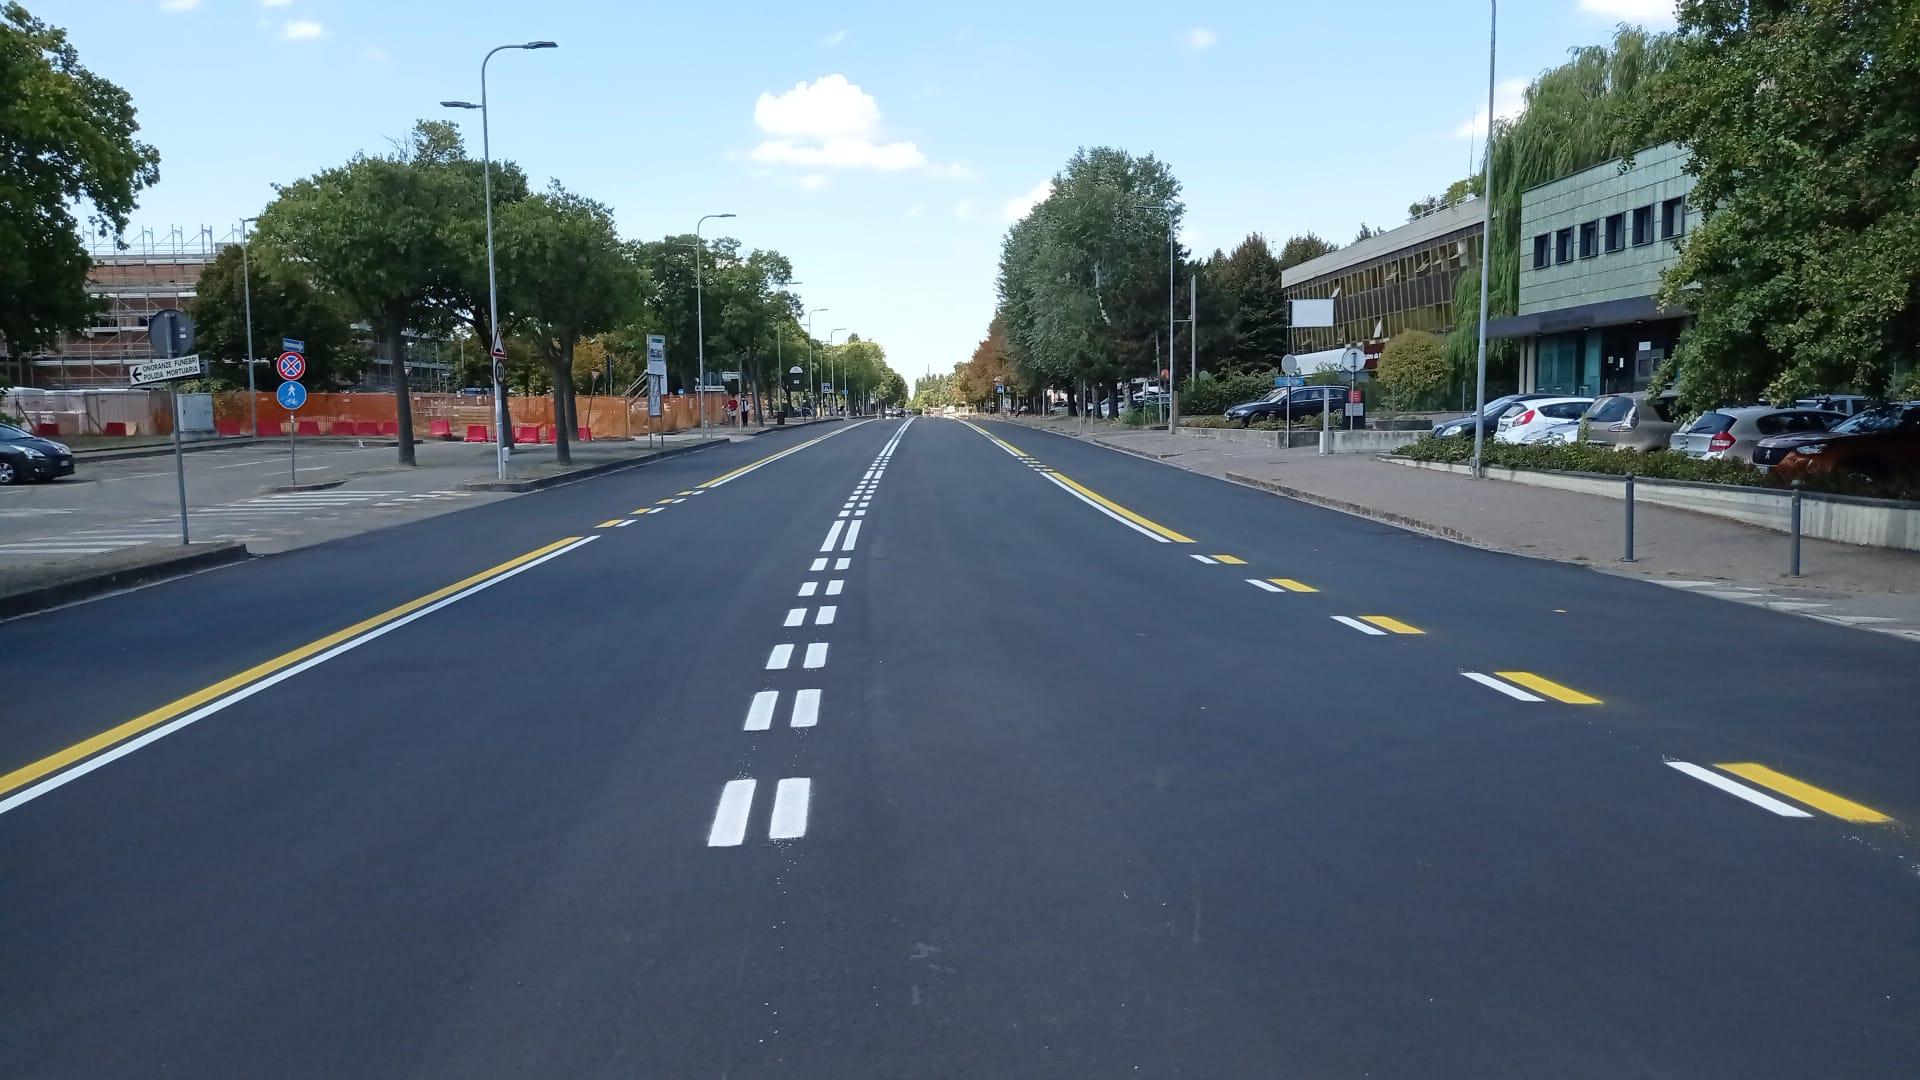 Via Peruzzi, per biciclette e bus corsia riservata